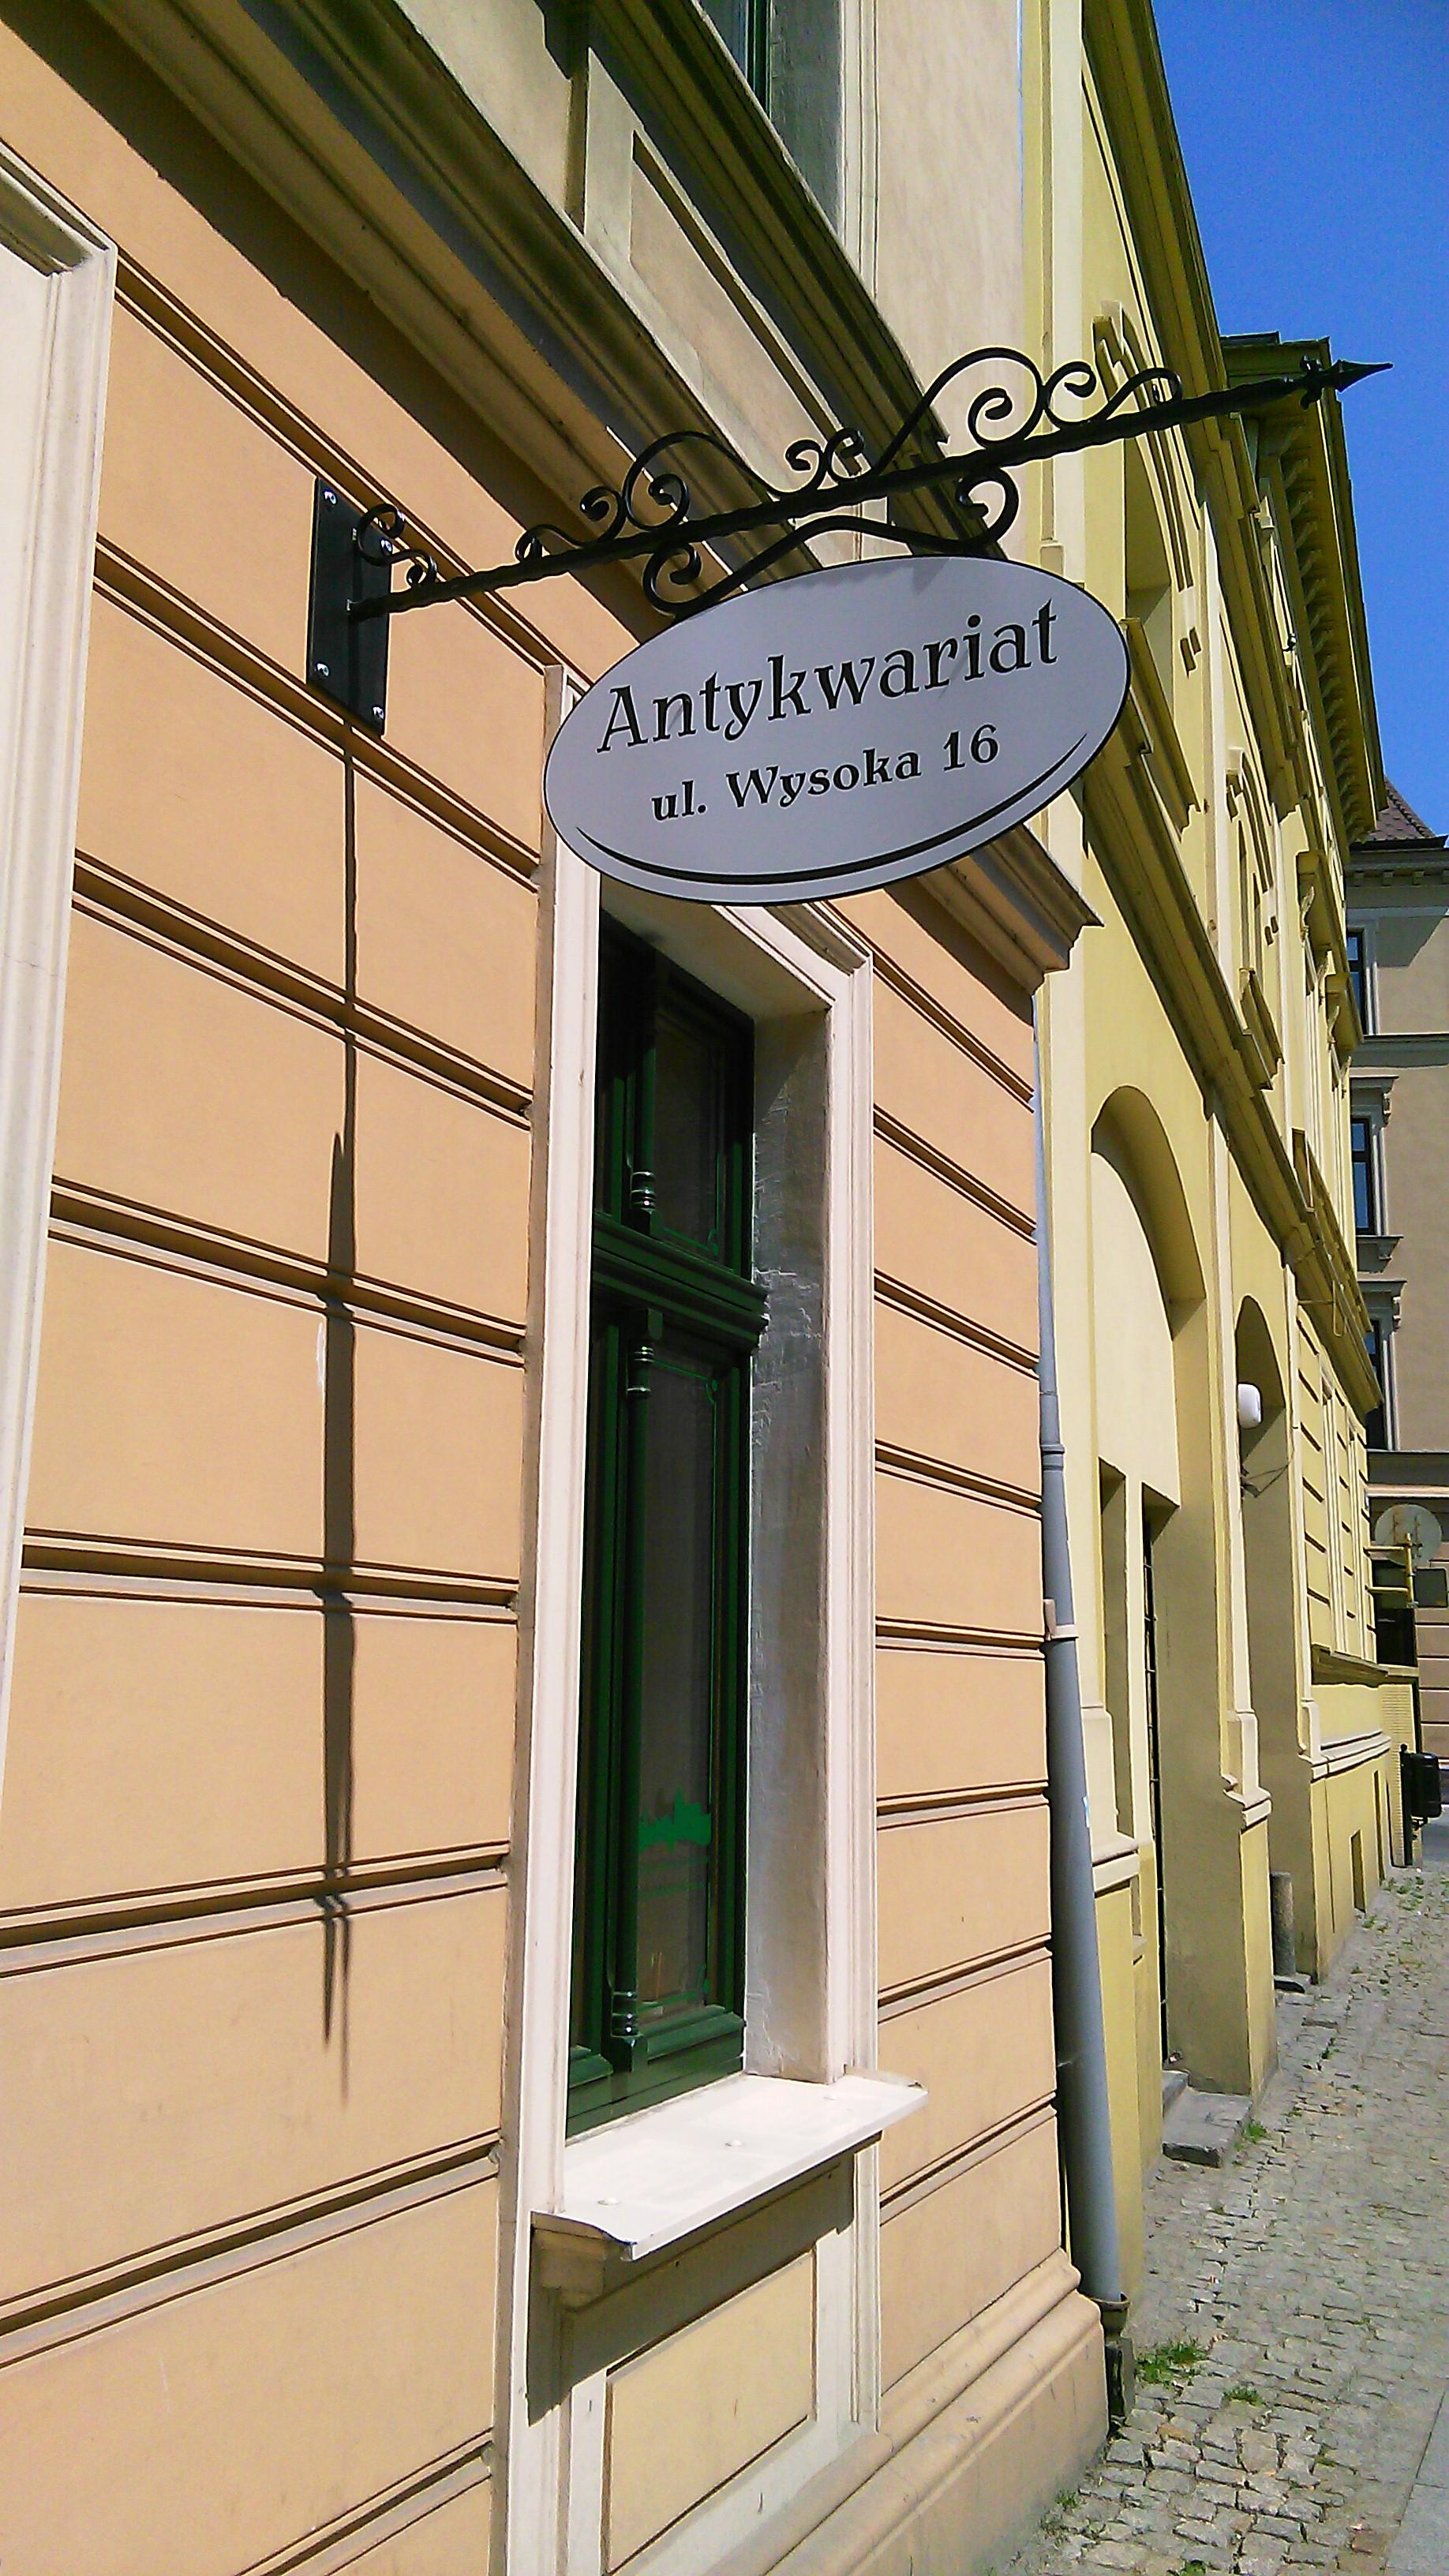 Antykwariat przy ul. Wysokiej 16 (budynek Towarzystwa Naukowego w Toruniu)